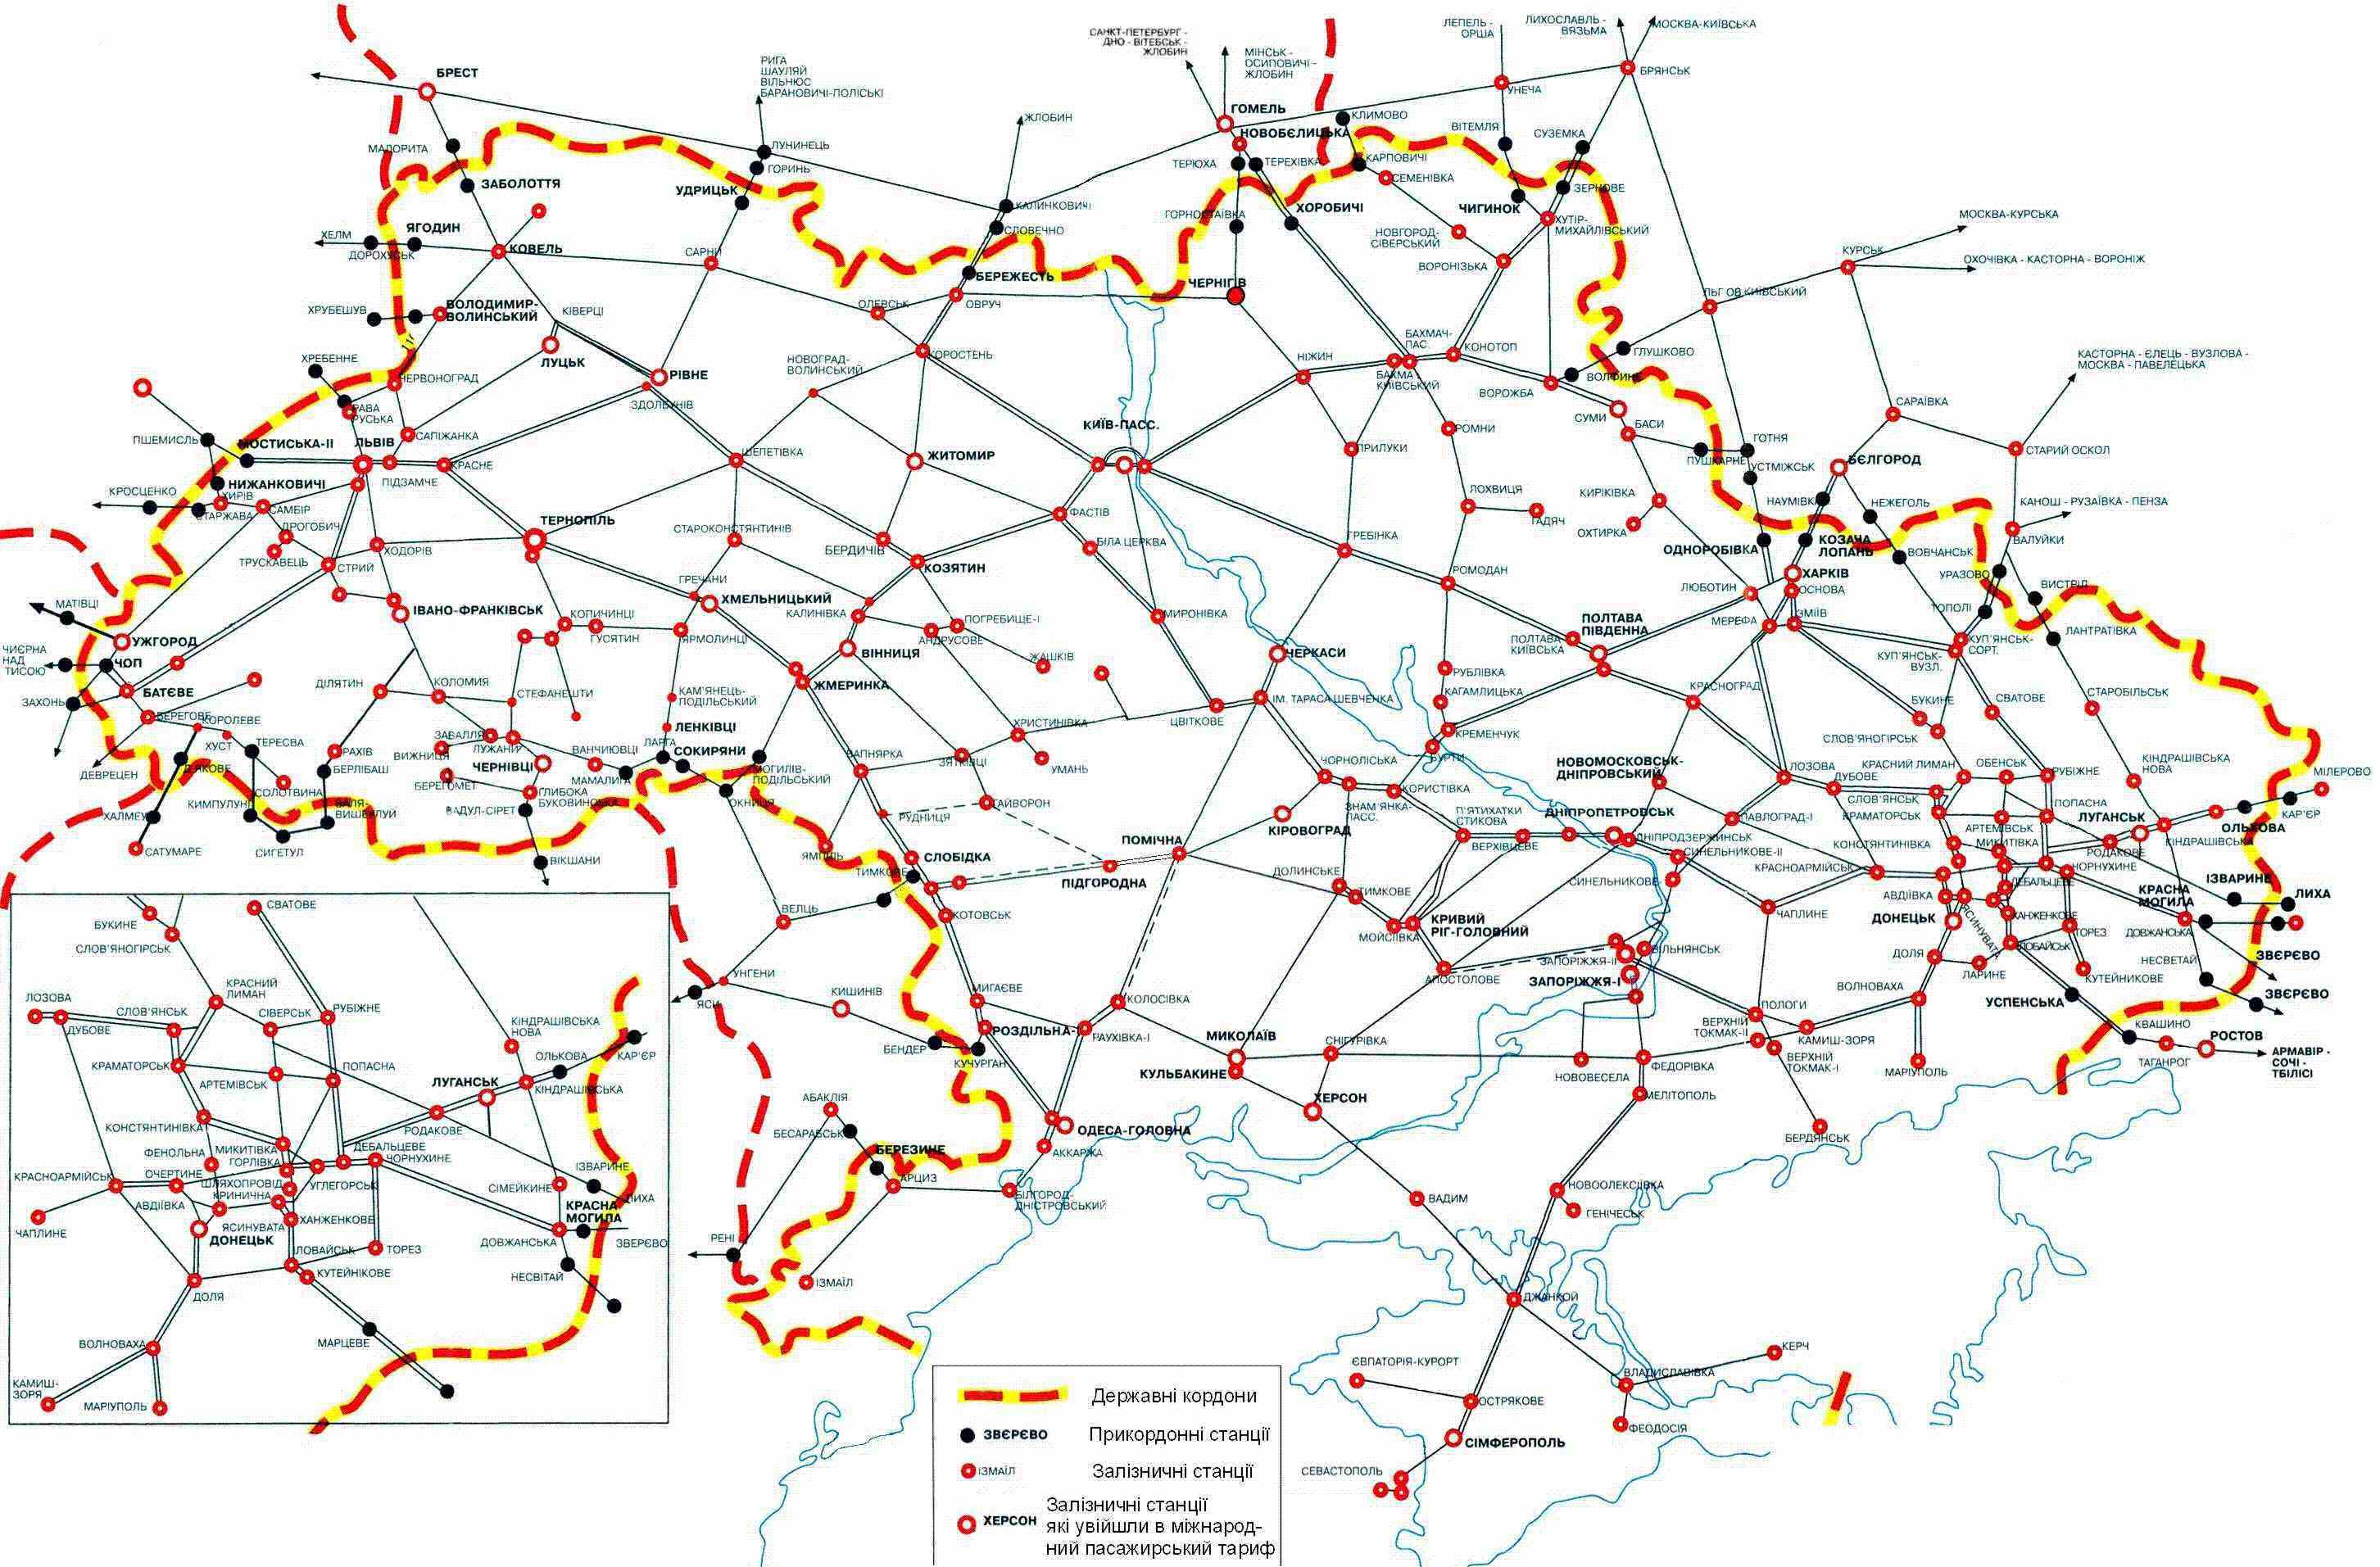 Схема донецкой железной дороги фото 32